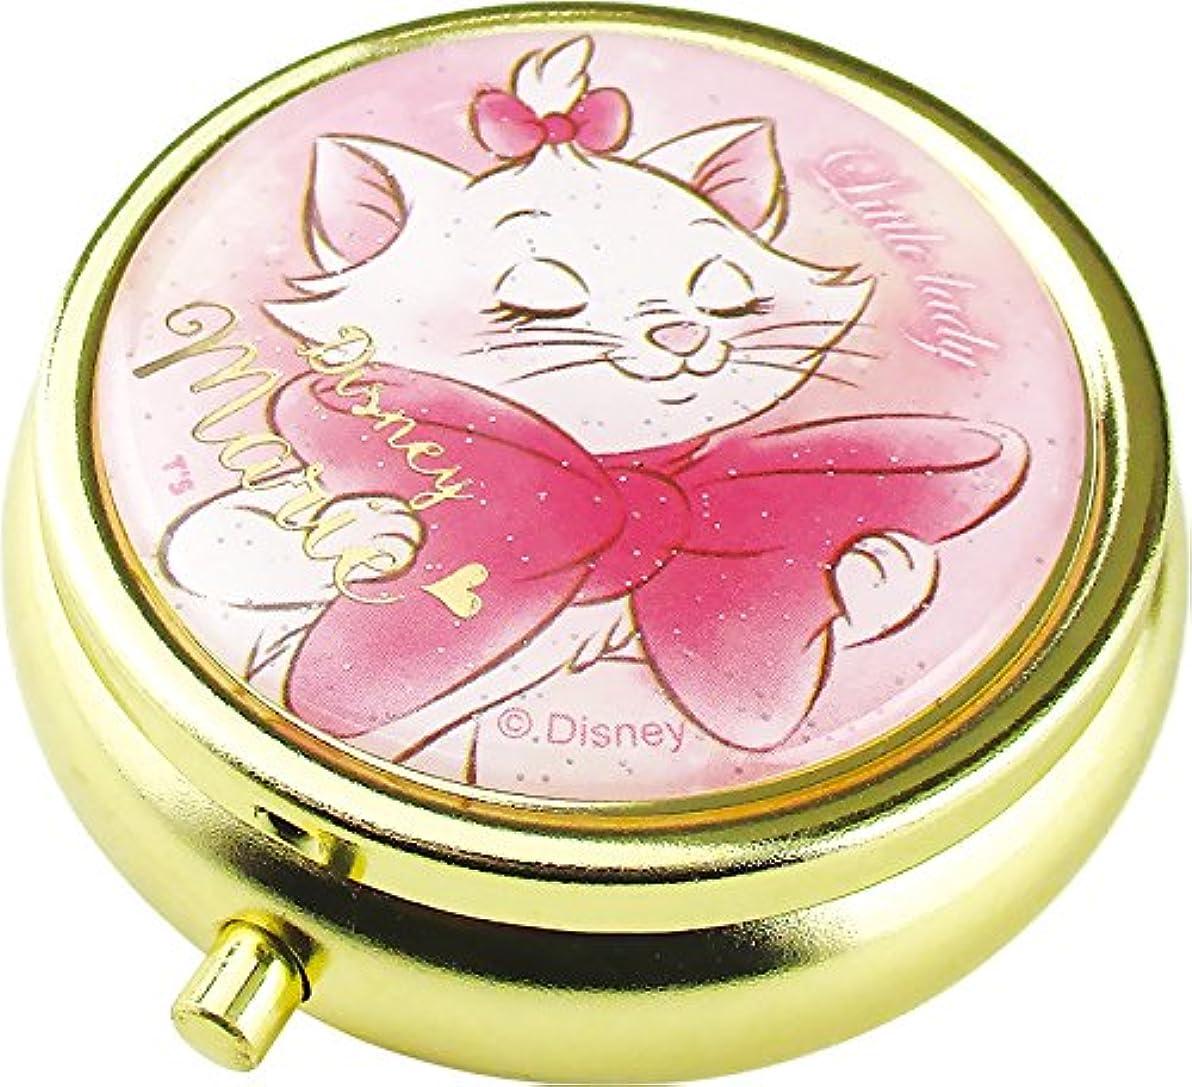 決済無許可証人ティーズファクトリー Disney マリー ミニ小物ケース ミラー、仕切り付き  ディズニー The Aristocats DN-5522315 MA 073344